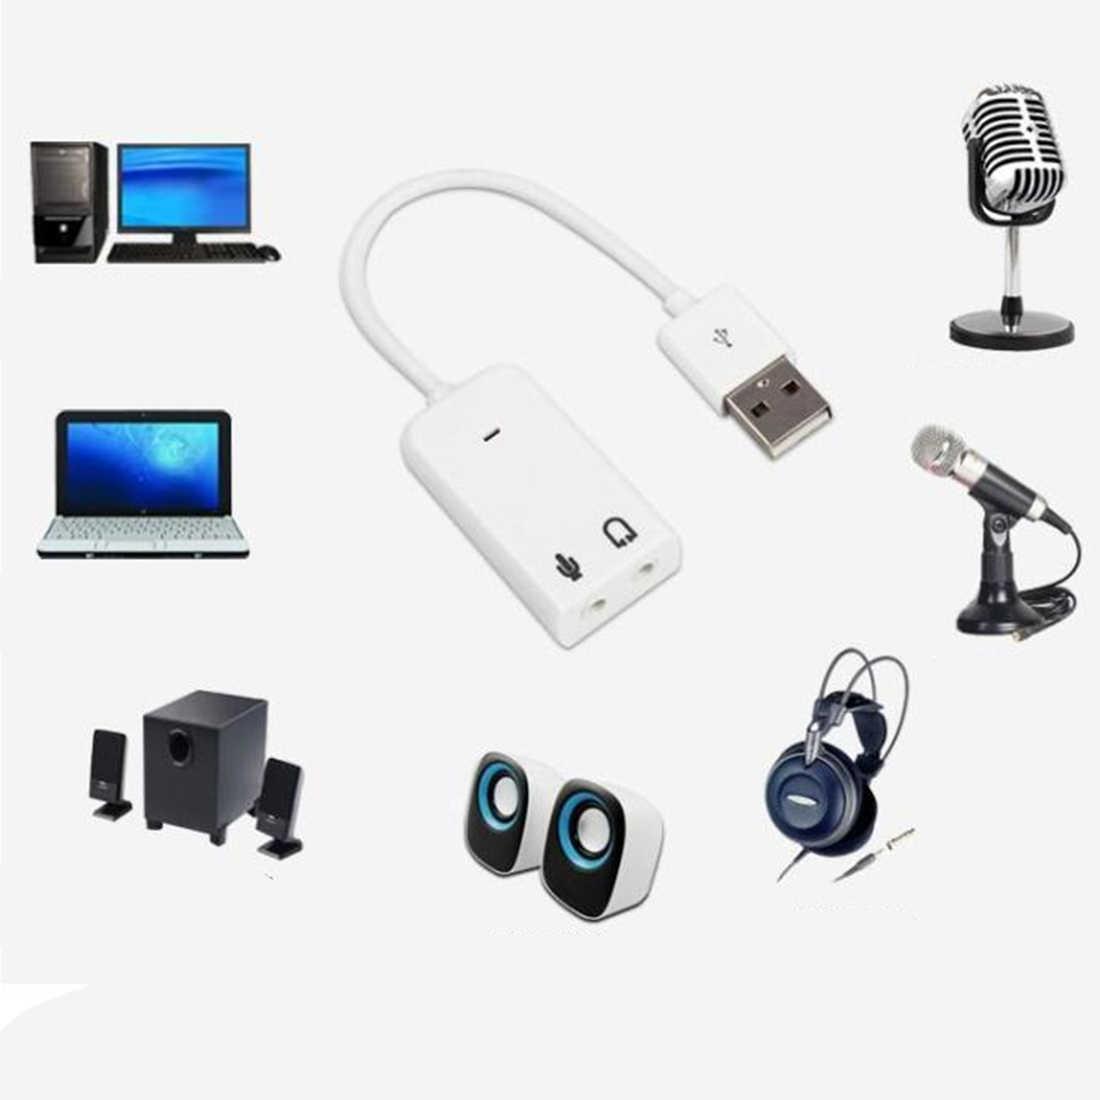 新しい Sienoc USB 2.0 仮想 7.1 チャンネル Xear 3D 外部 Usb サウンドカードオーディオ Windows 用 XP 勝利 7 8 Linux Vista Mac OS